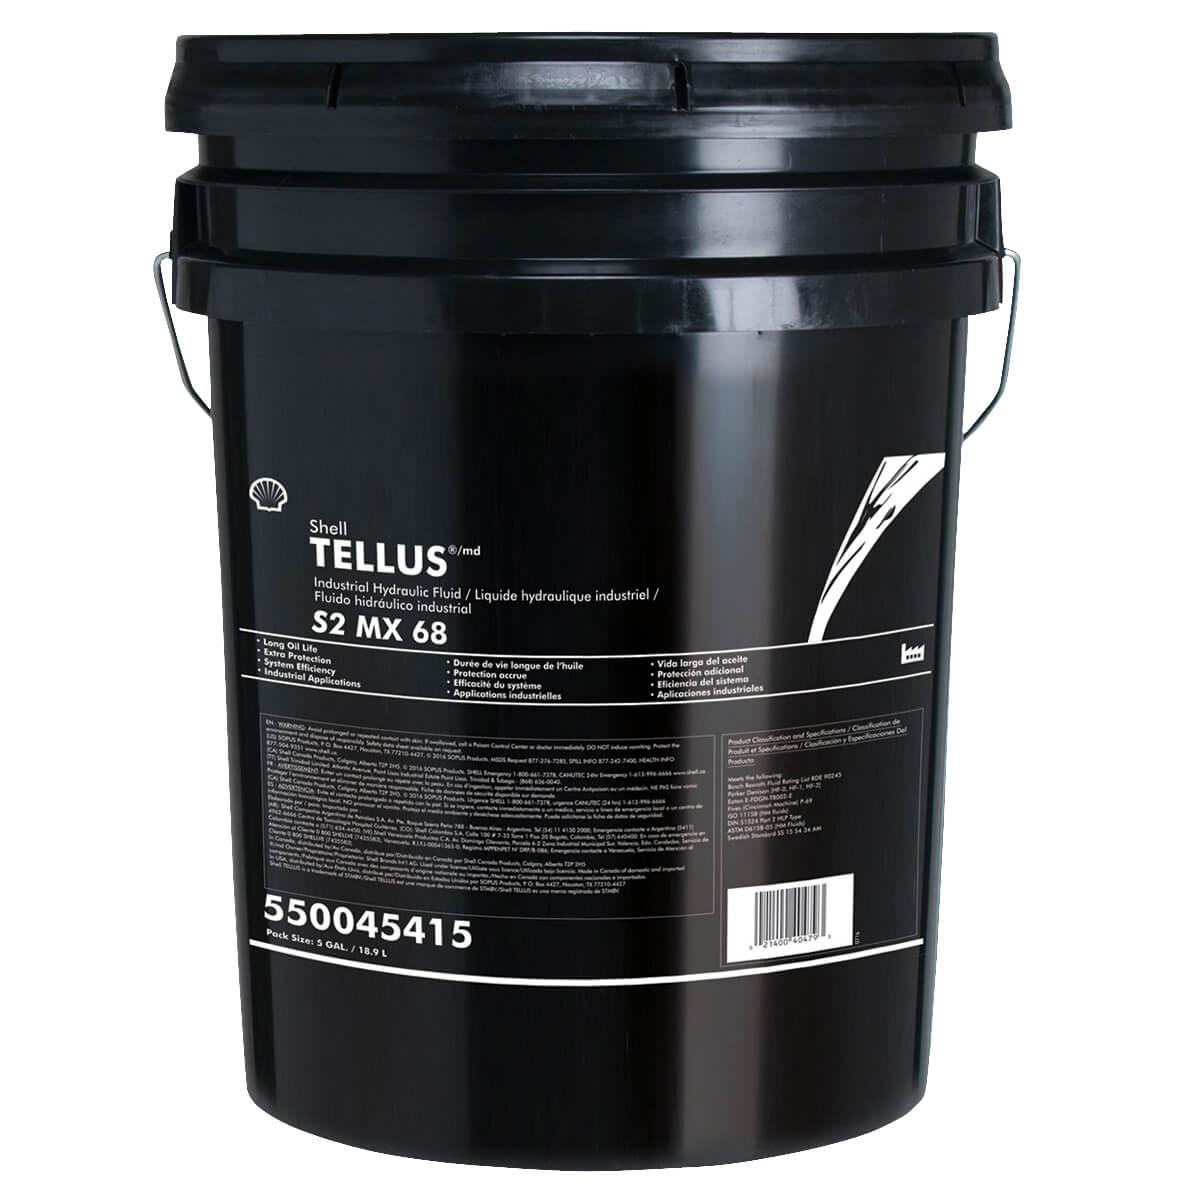 Shell Tellus S2 MX 68 - 18.9 L